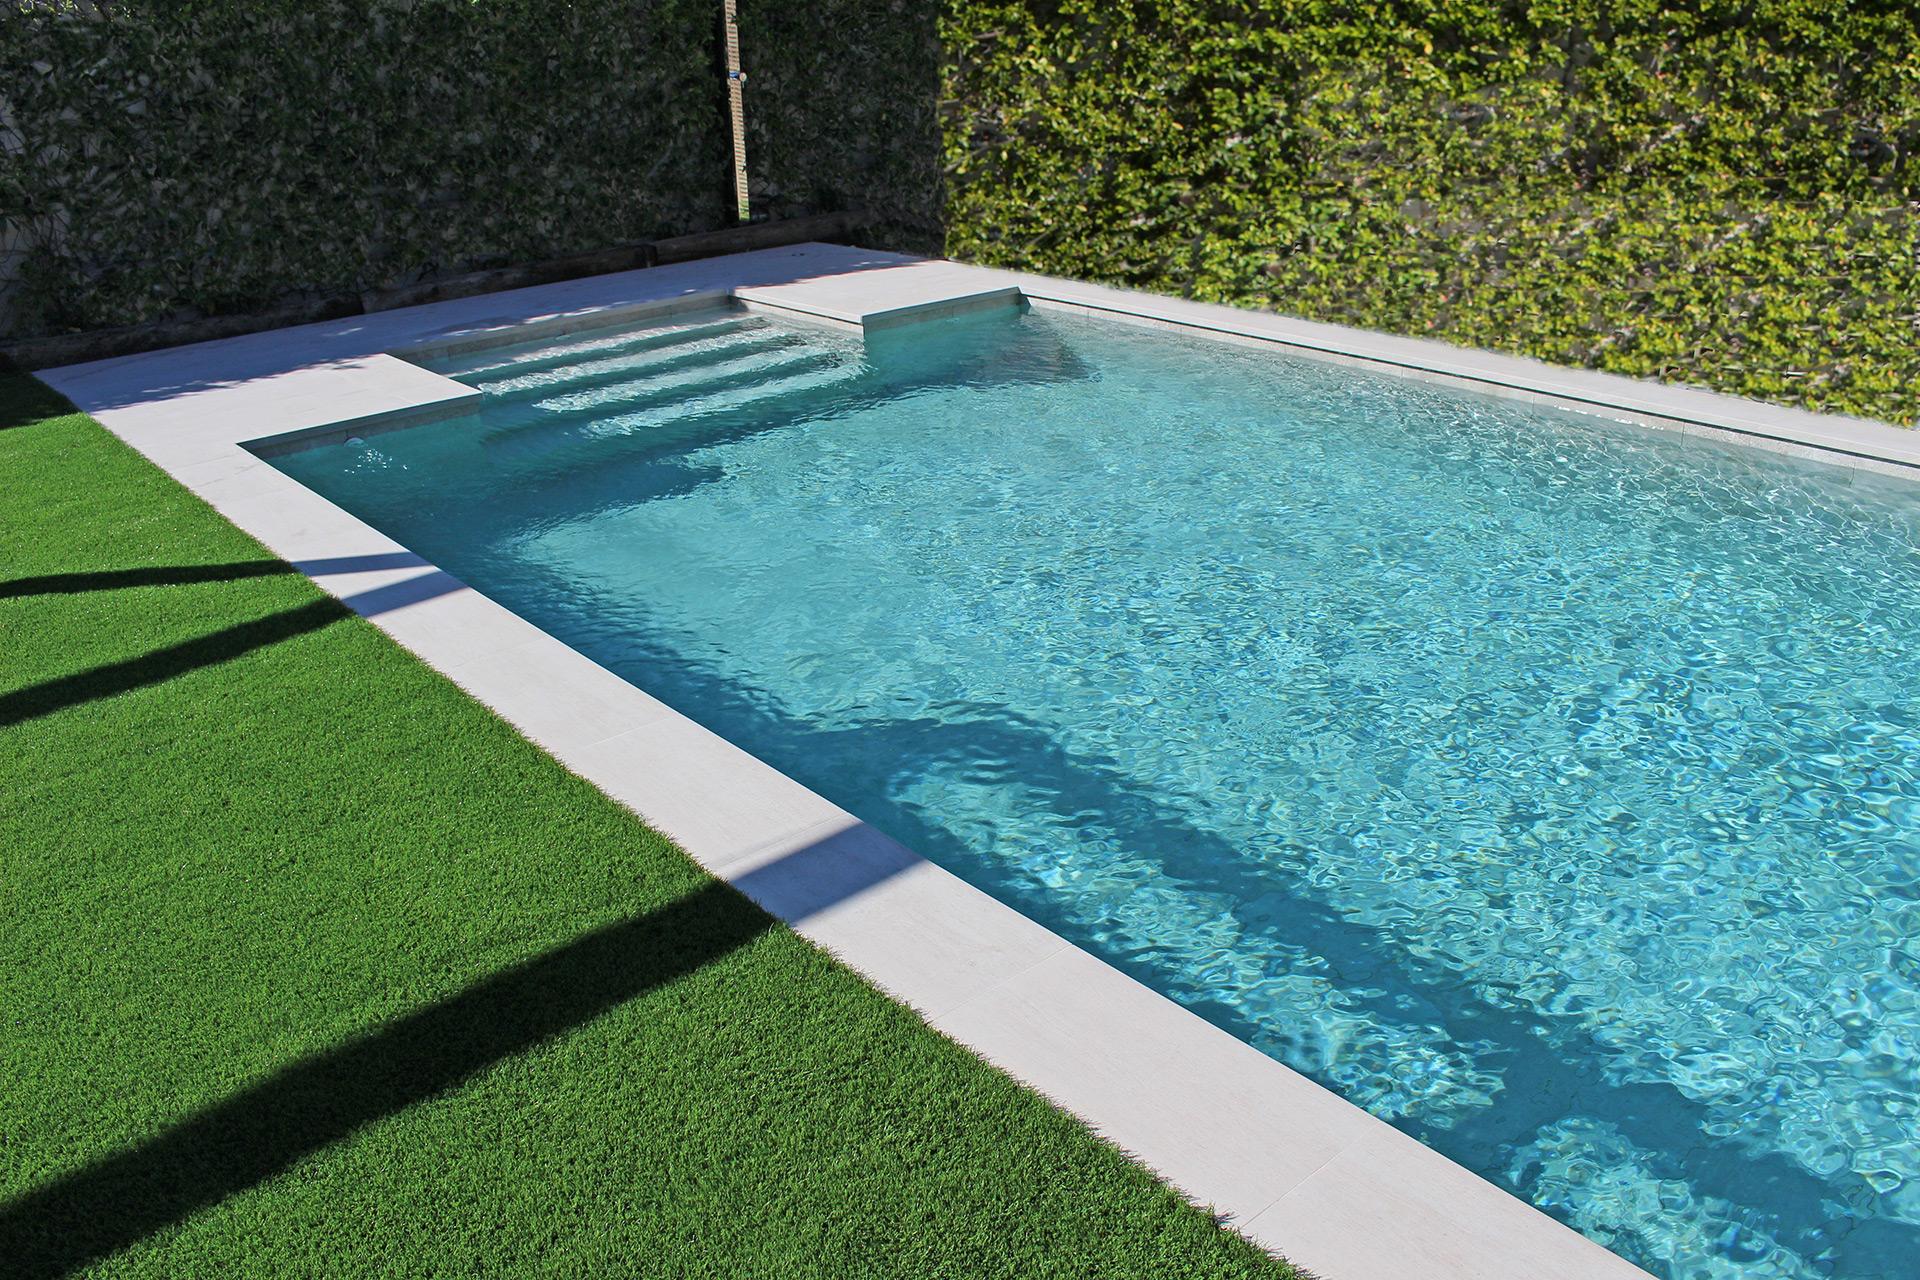 Piscines murat piscines traditionnelles fabrication et for Planos de piletas de natacion